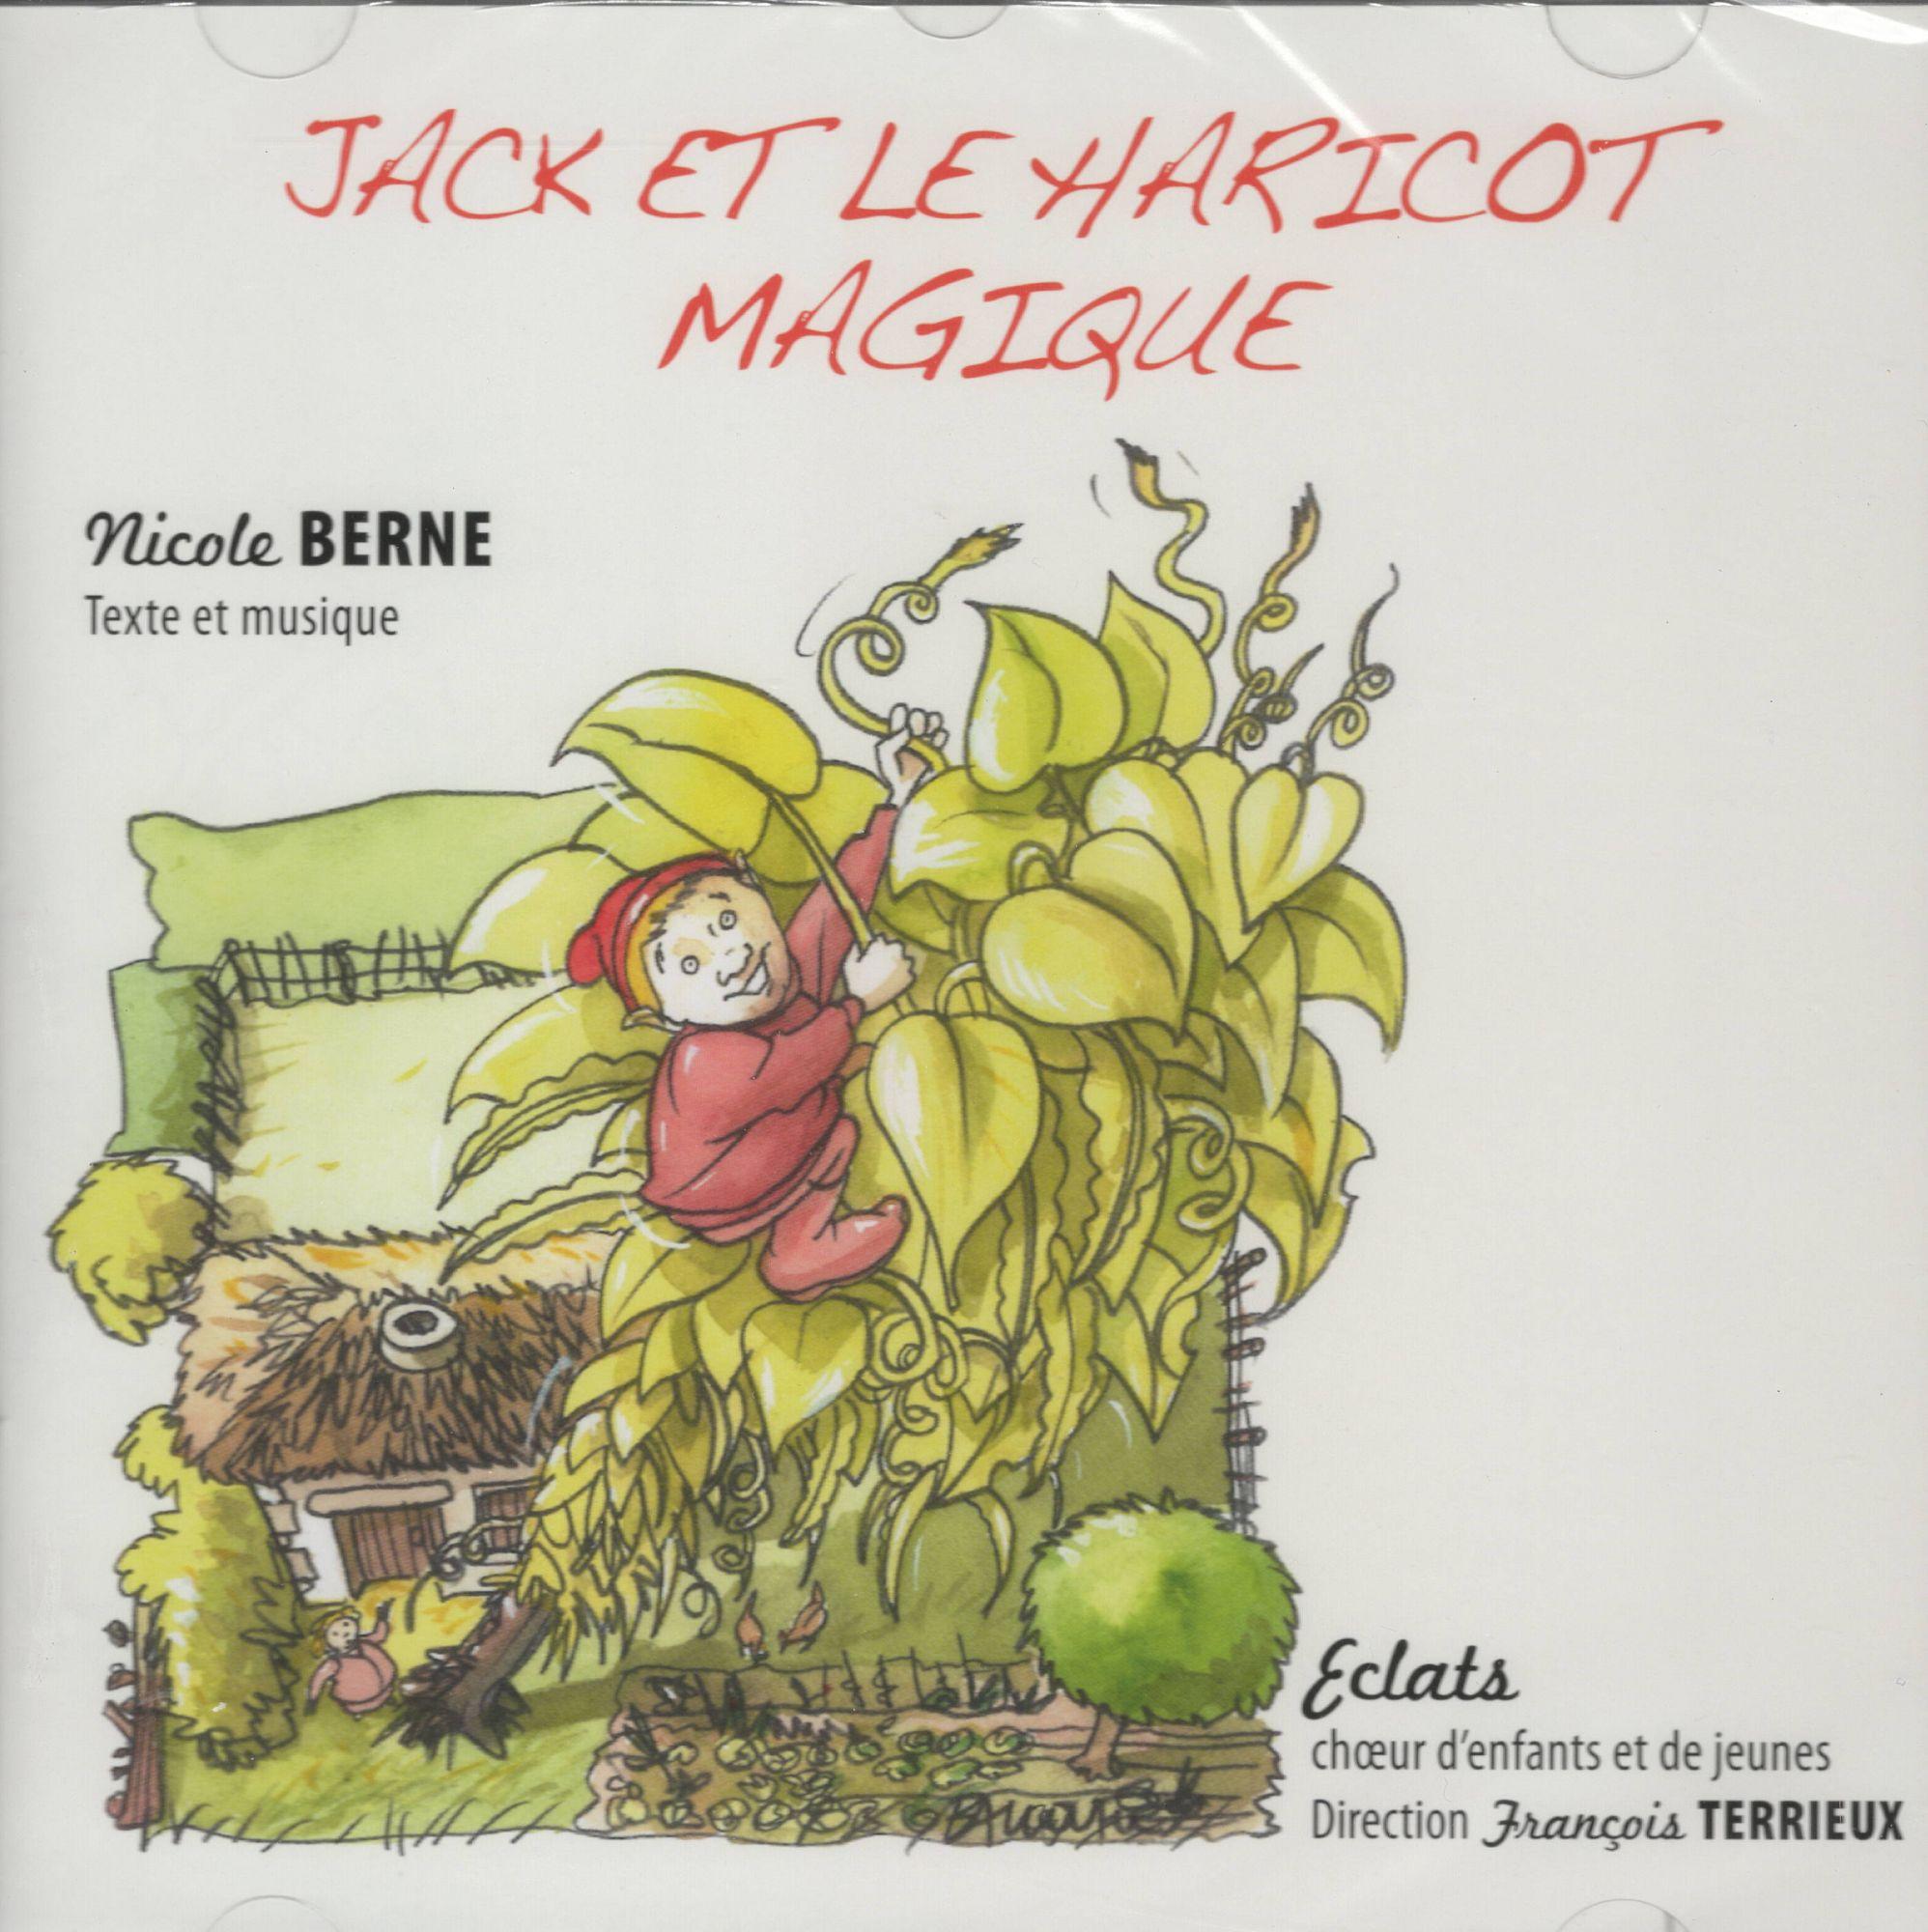 14-jack-et-le-haricot-magique